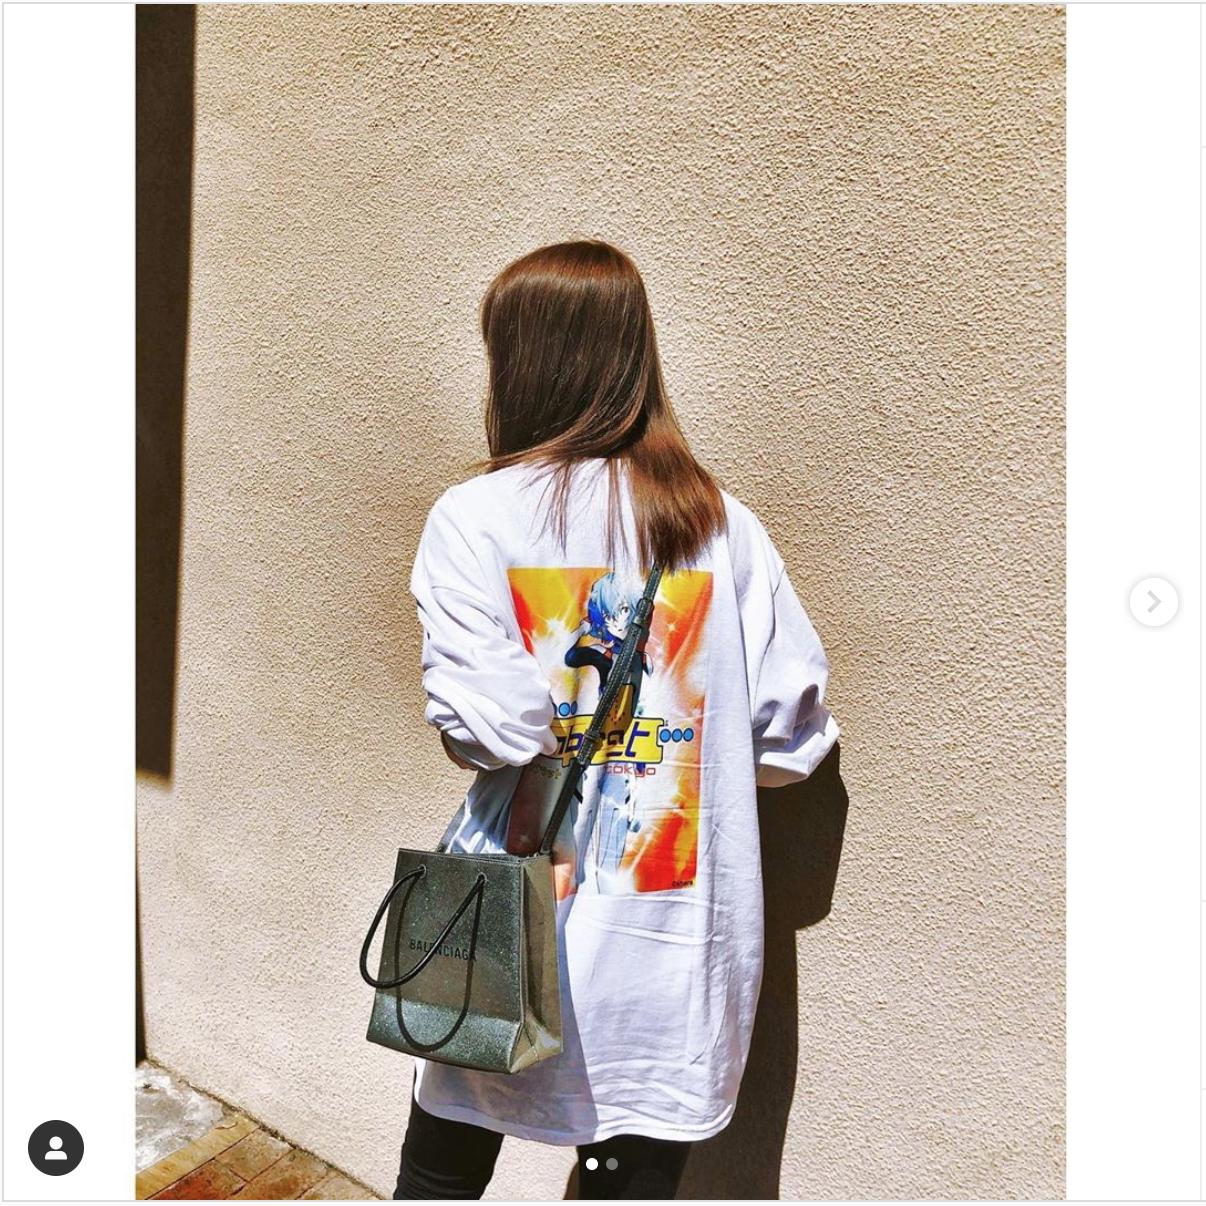 Instagramでもストリートファッションと合わせてアニメのグラフティTシャツを披露している